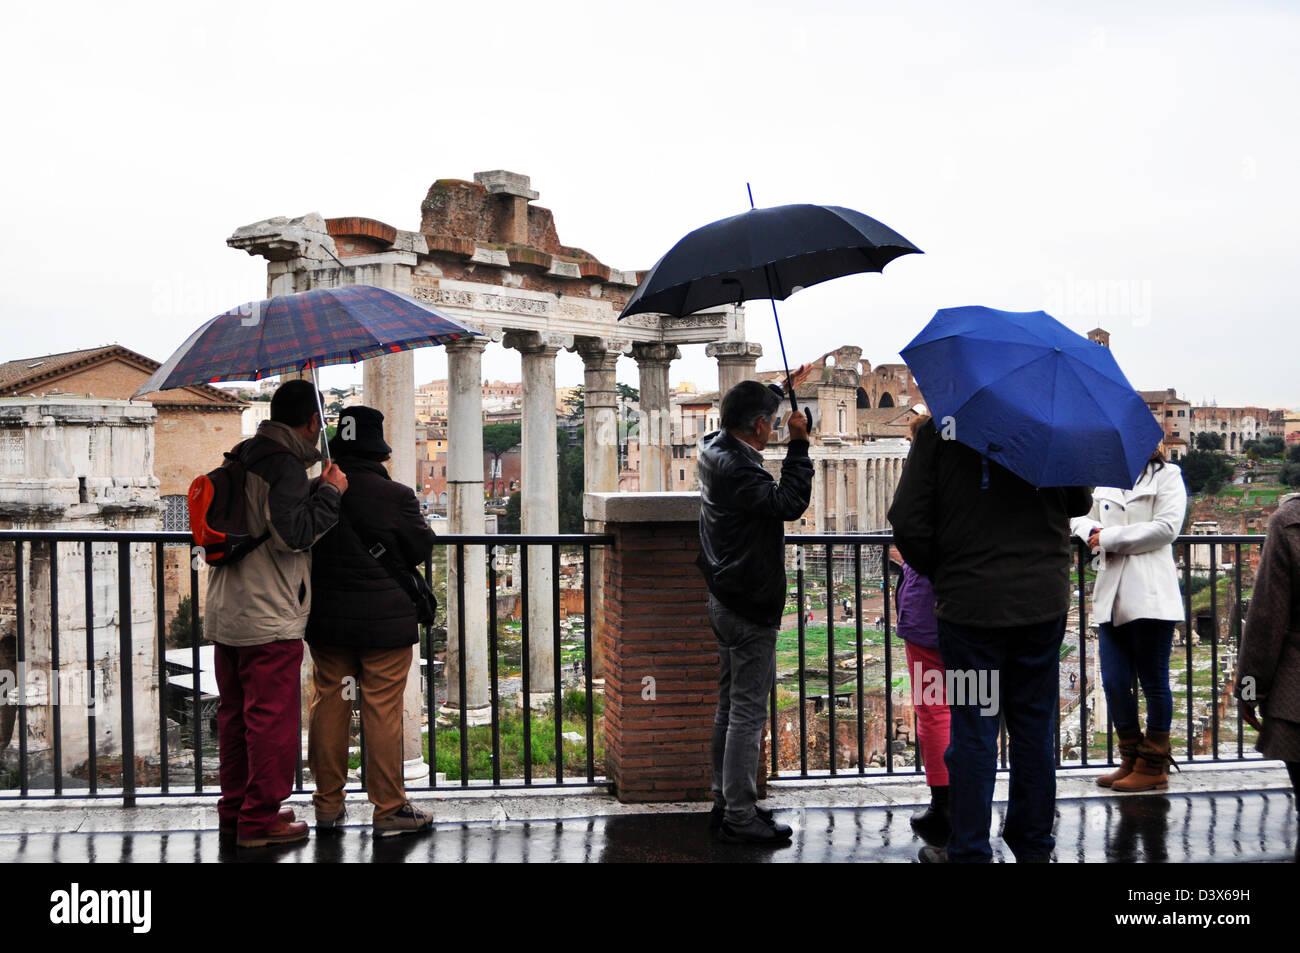 Touristen sehen das Forum Romanum unter Sonnenschirmen, Rom, Italien Stockbild